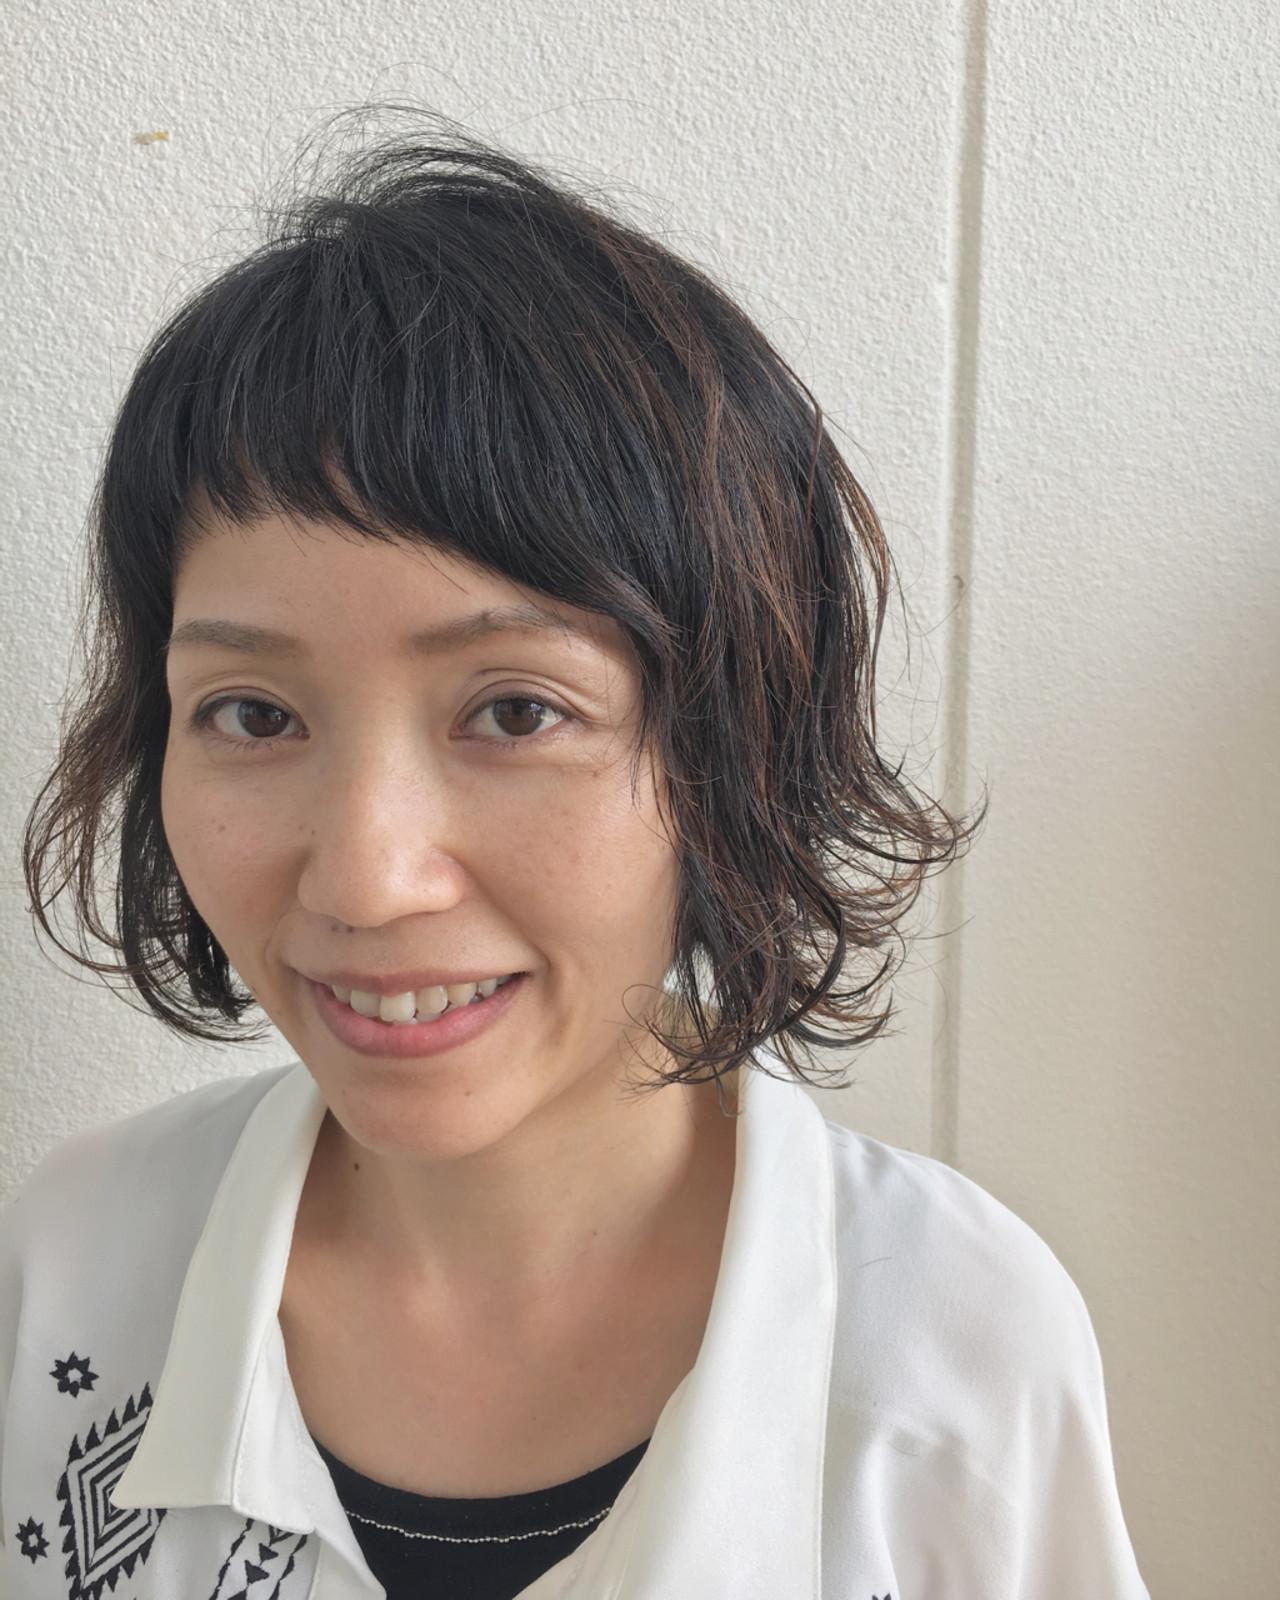 斜めカット前髪が個性的☆周りと差のつくヘアスタイル Yuuta Asato